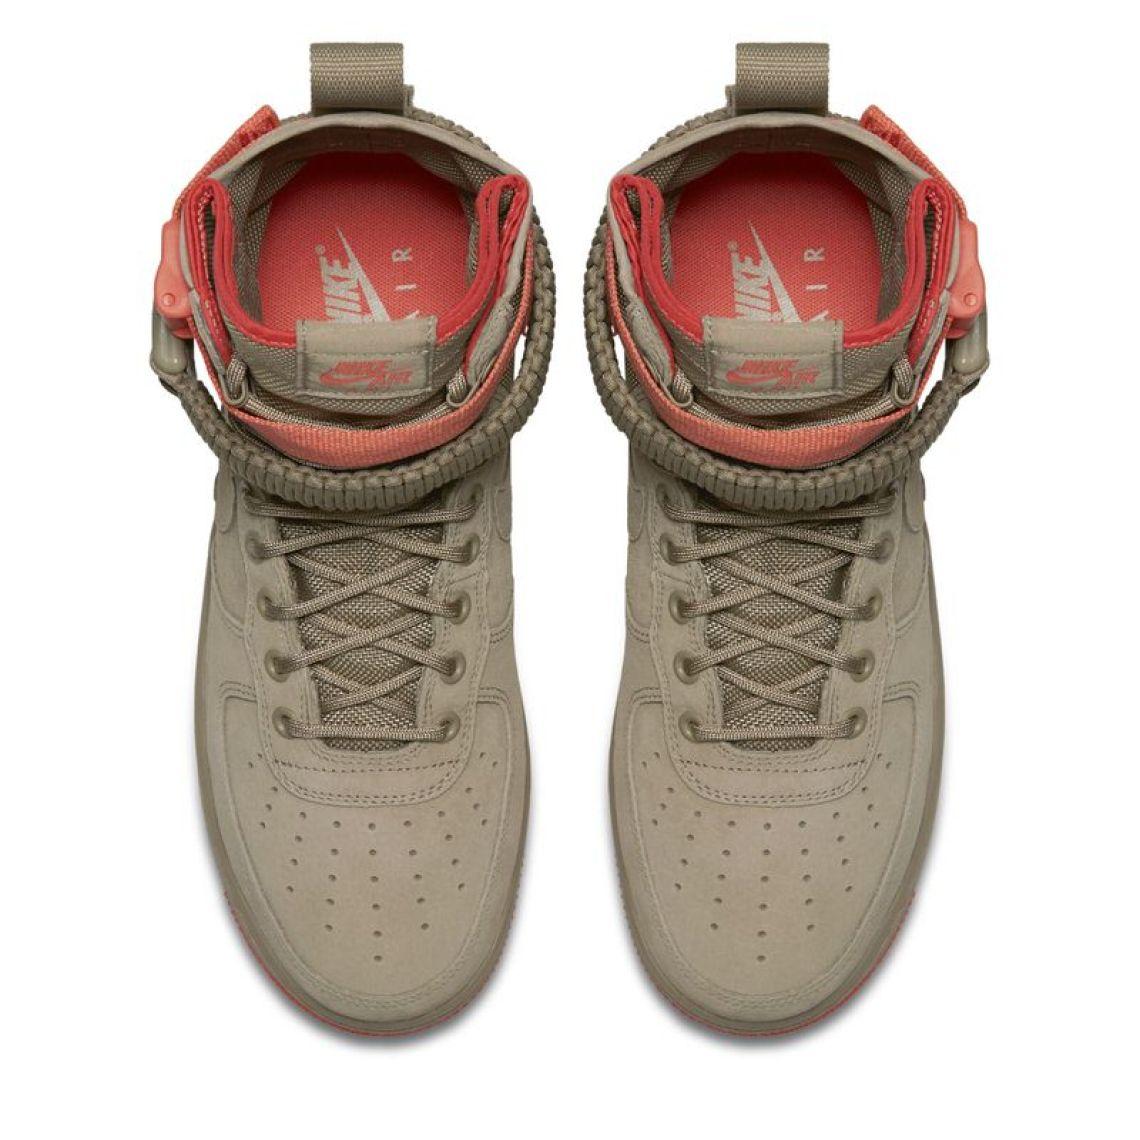 Nike SF-AF1 Tan/Pink